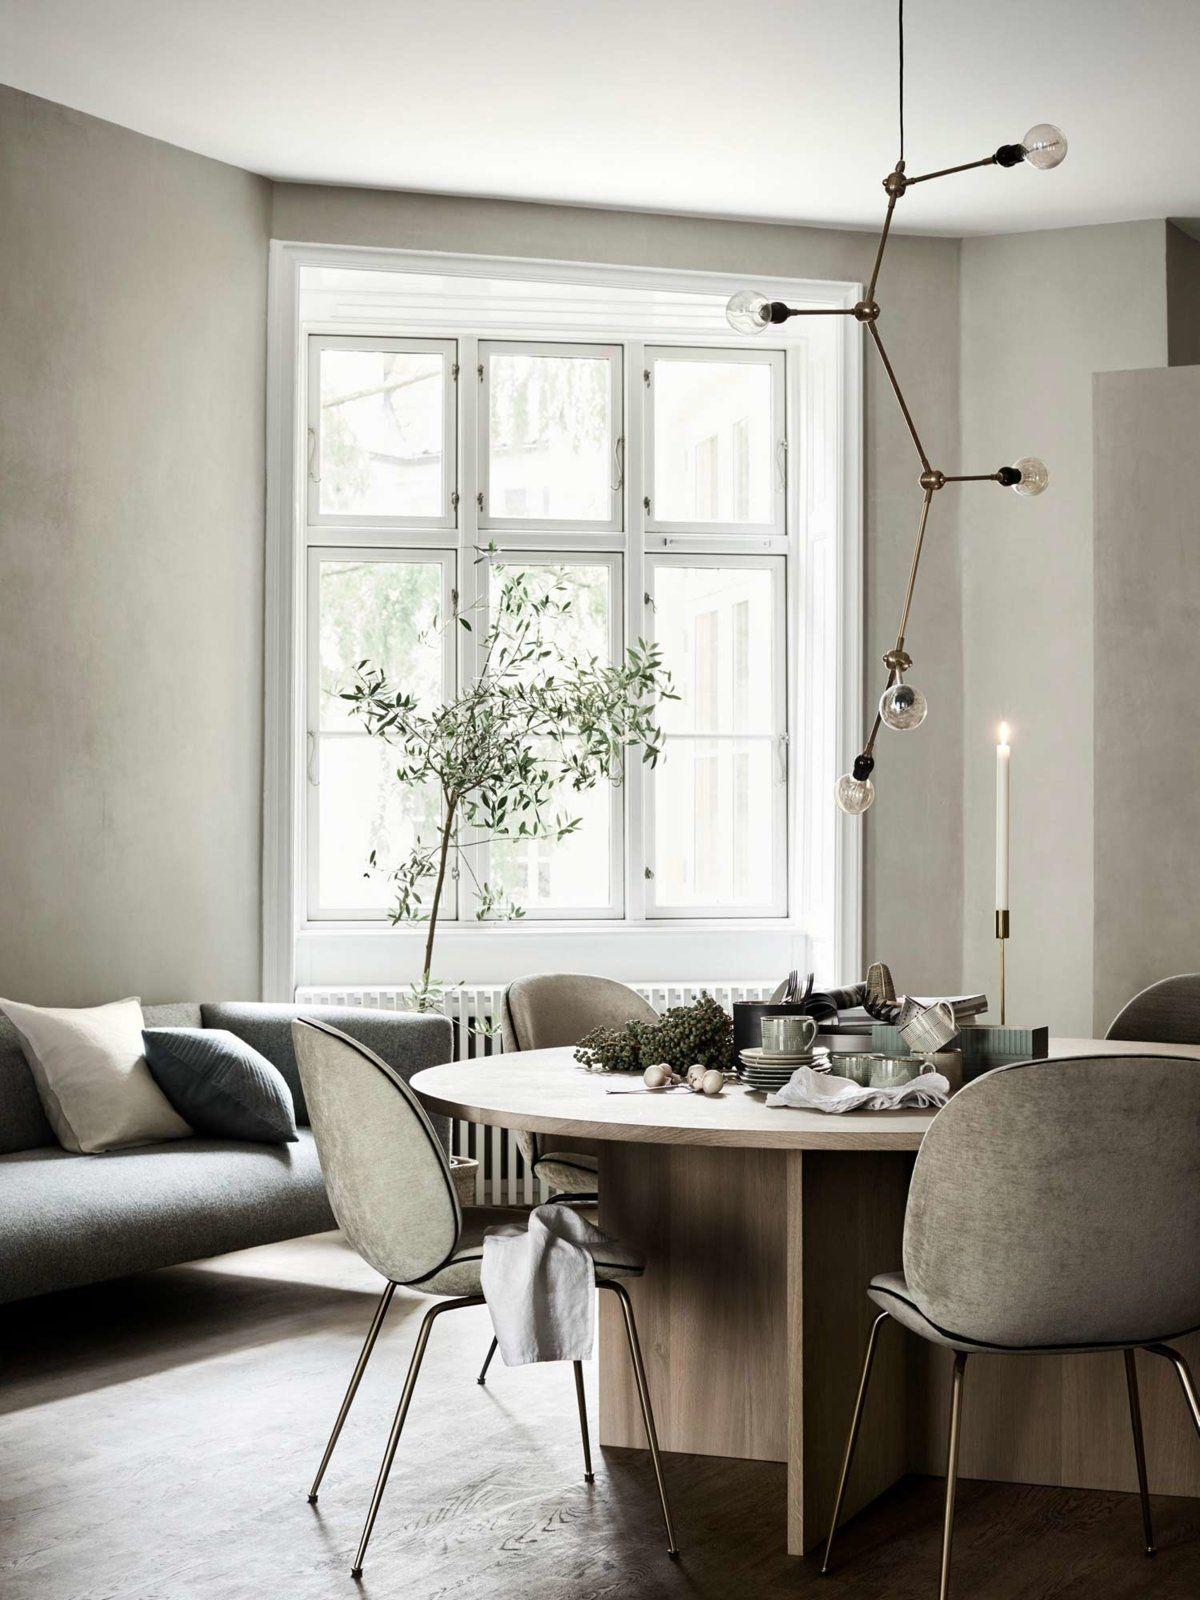 Wer Nach Ideen Für Eine Neue Wohnzimmereinrichtung Sucht Und Sein Wohnzimmer  Neu Dekorieren Will, Sollte Mal Bei H